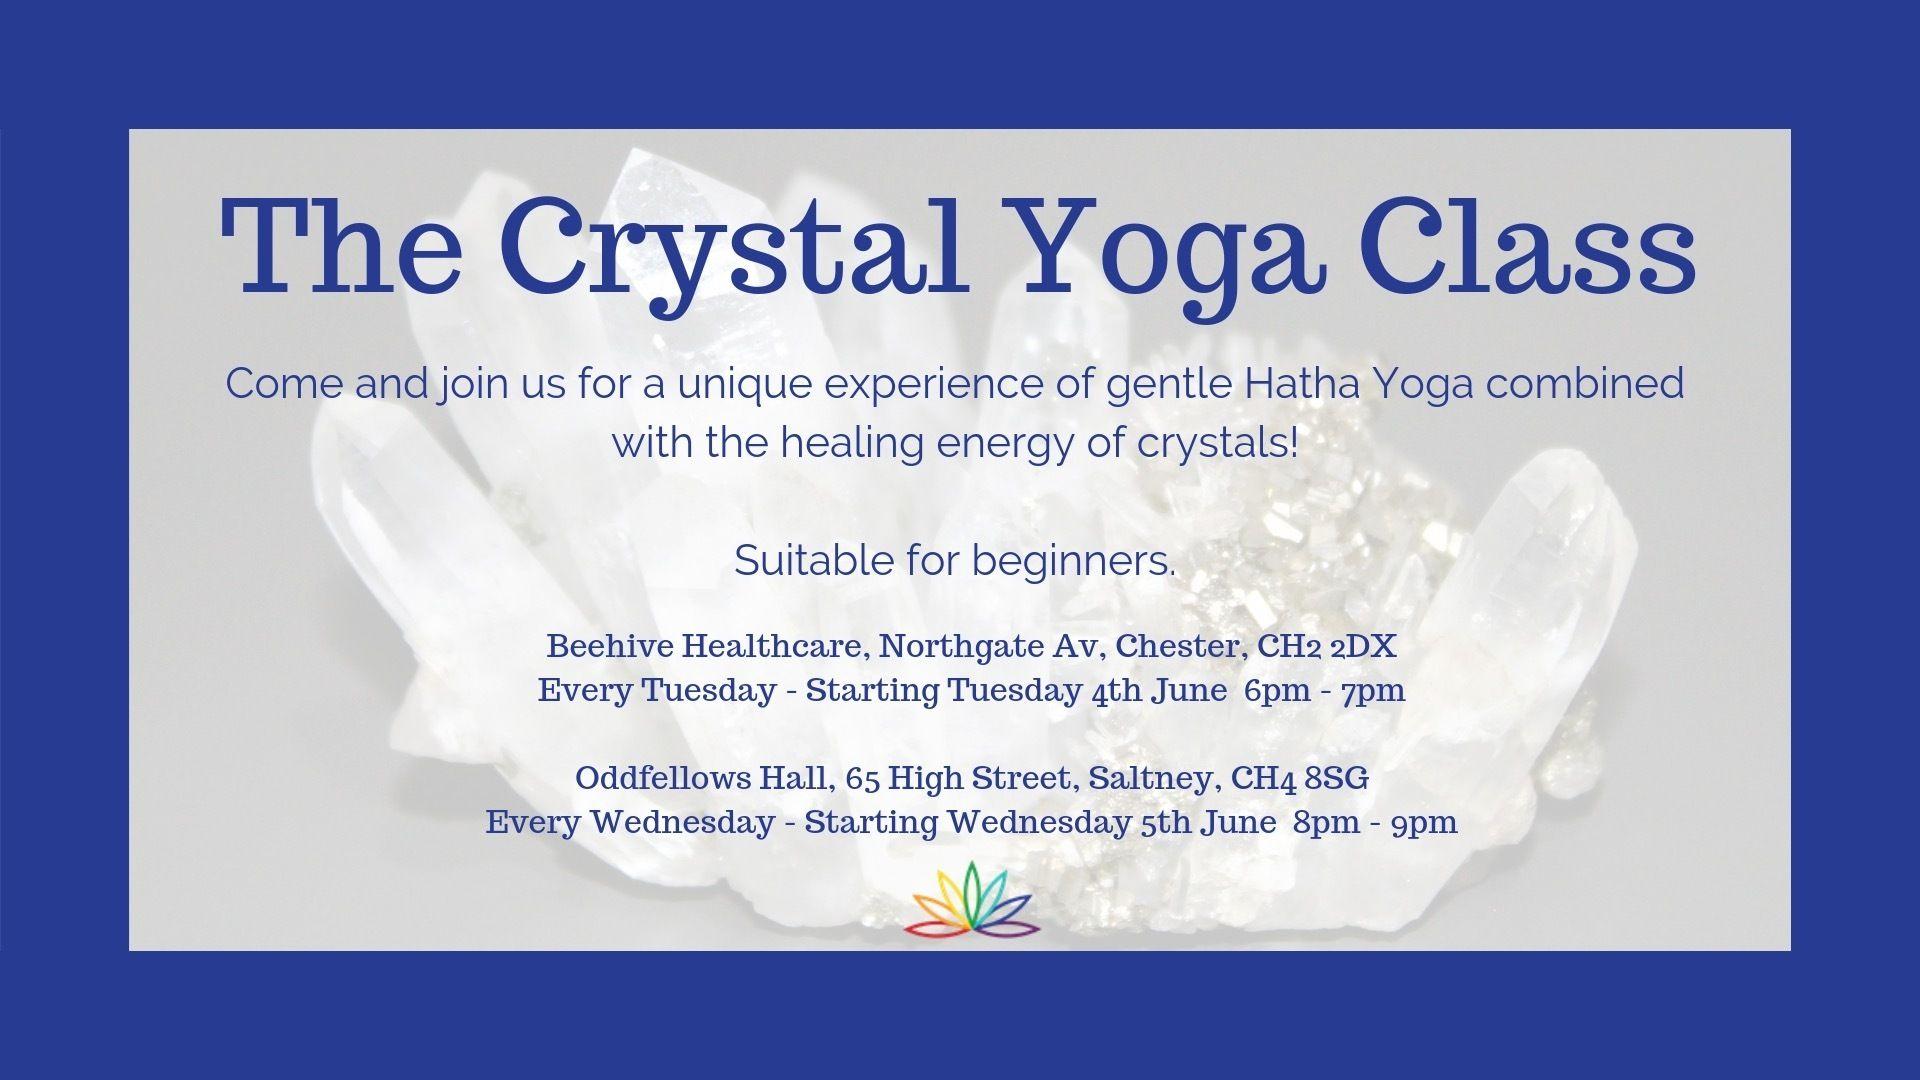 The Crystal Yoga Class